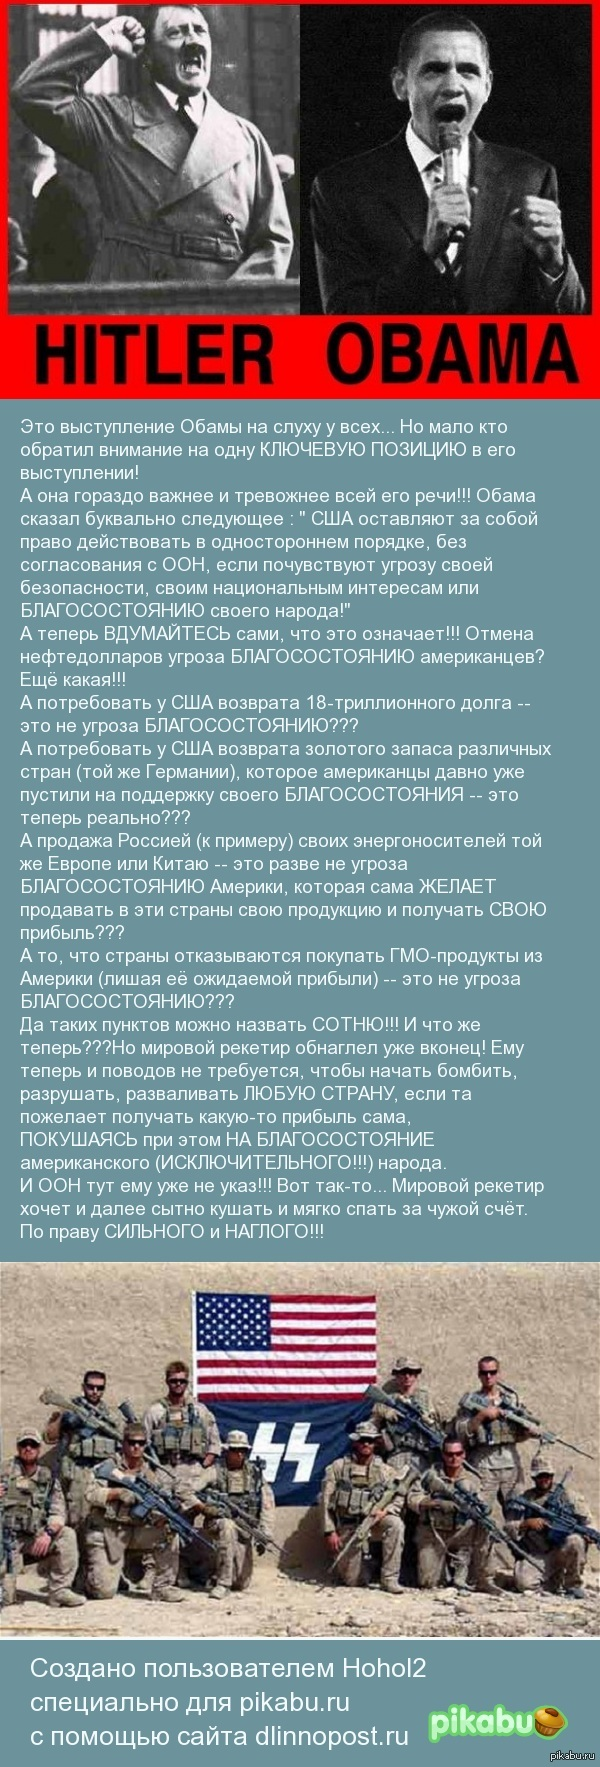 ОБЫКНОВЕННЫЙ ДЕМОКРАТИЗМ.   длинопост, Россия, пиндоская демократия, ООН, реальная угроза, политика